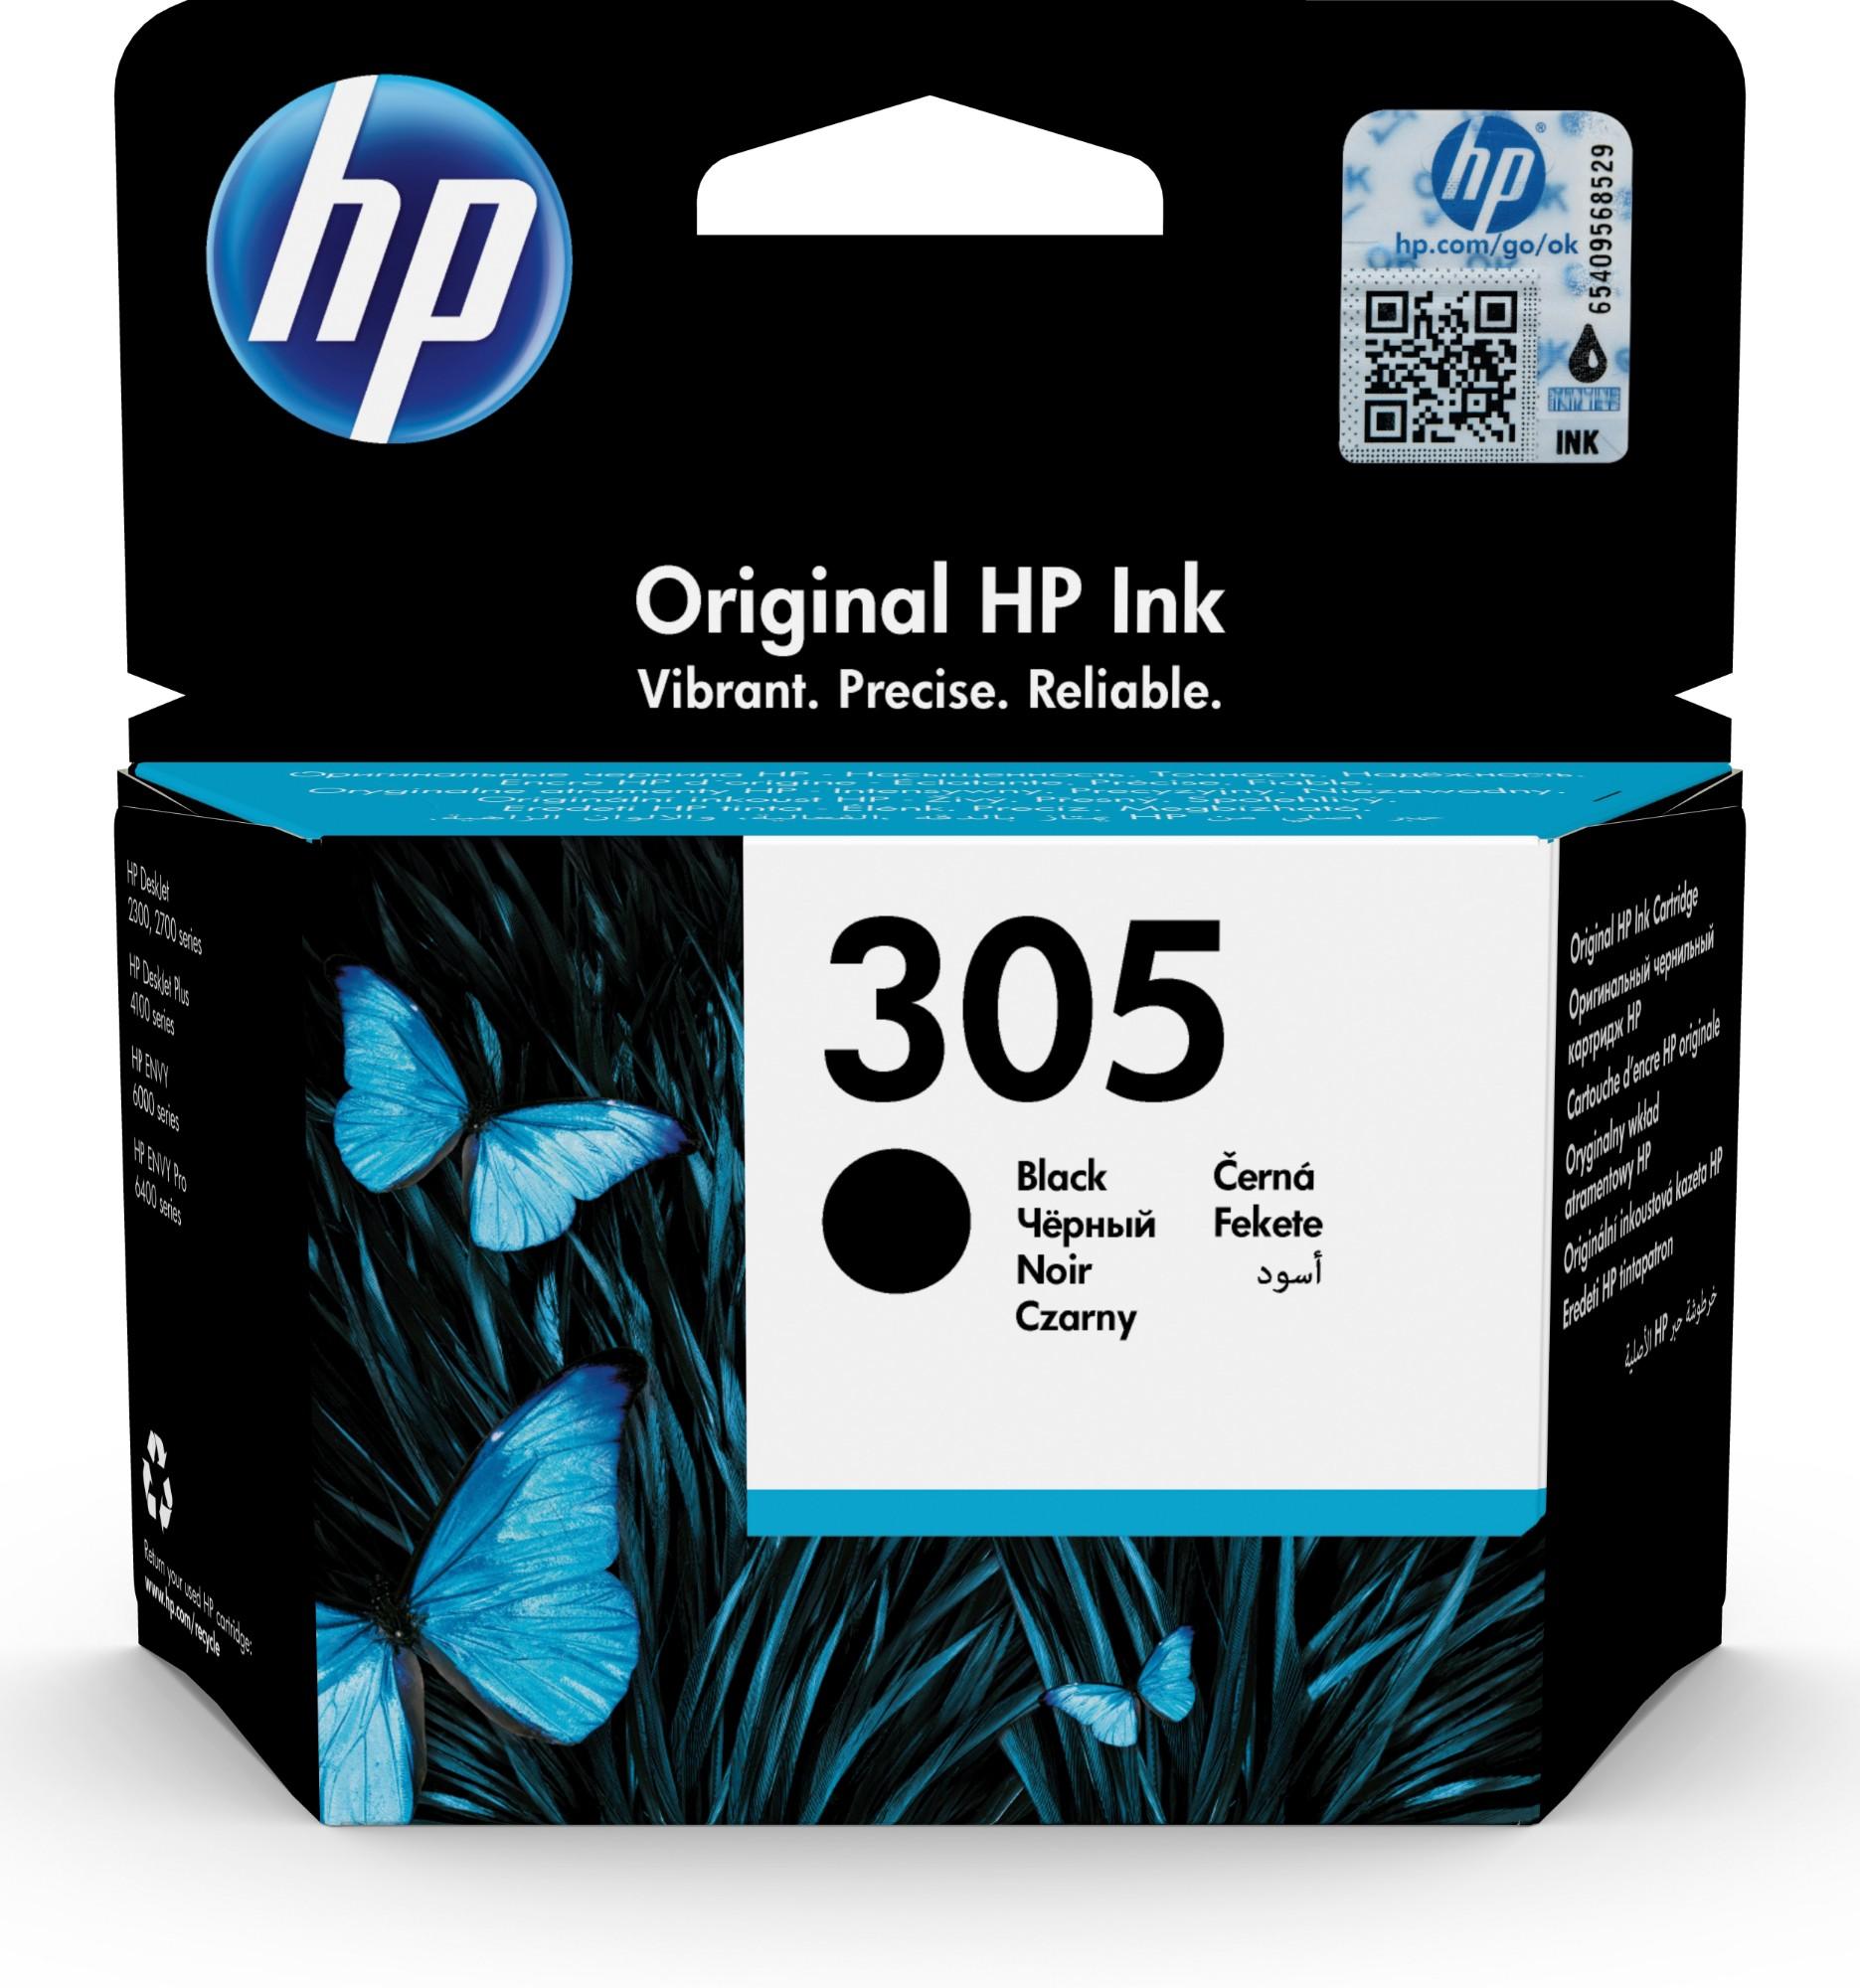 HP 305 Black Original Ink Cartridge Negro 1 pieza(s) Rendimiento estándar